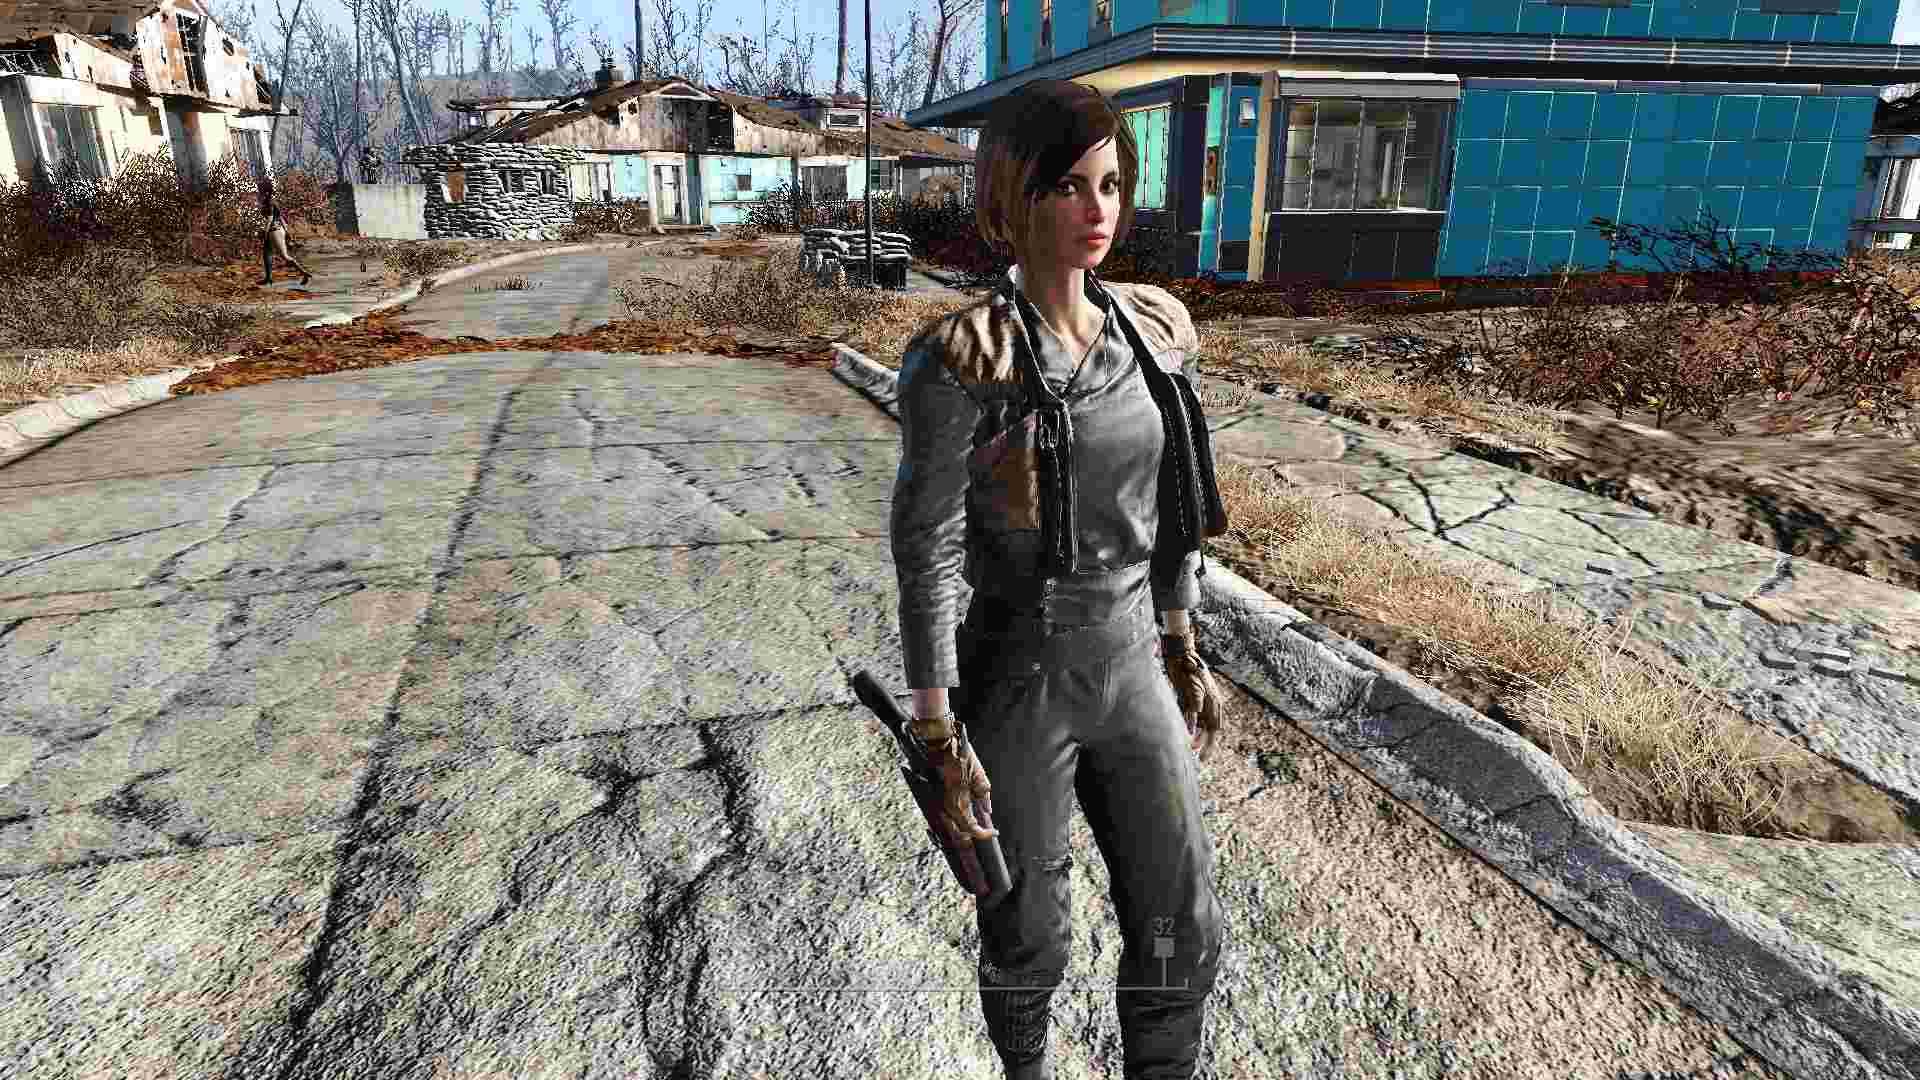 [Información] Rogue One en Fallout 4 20170112